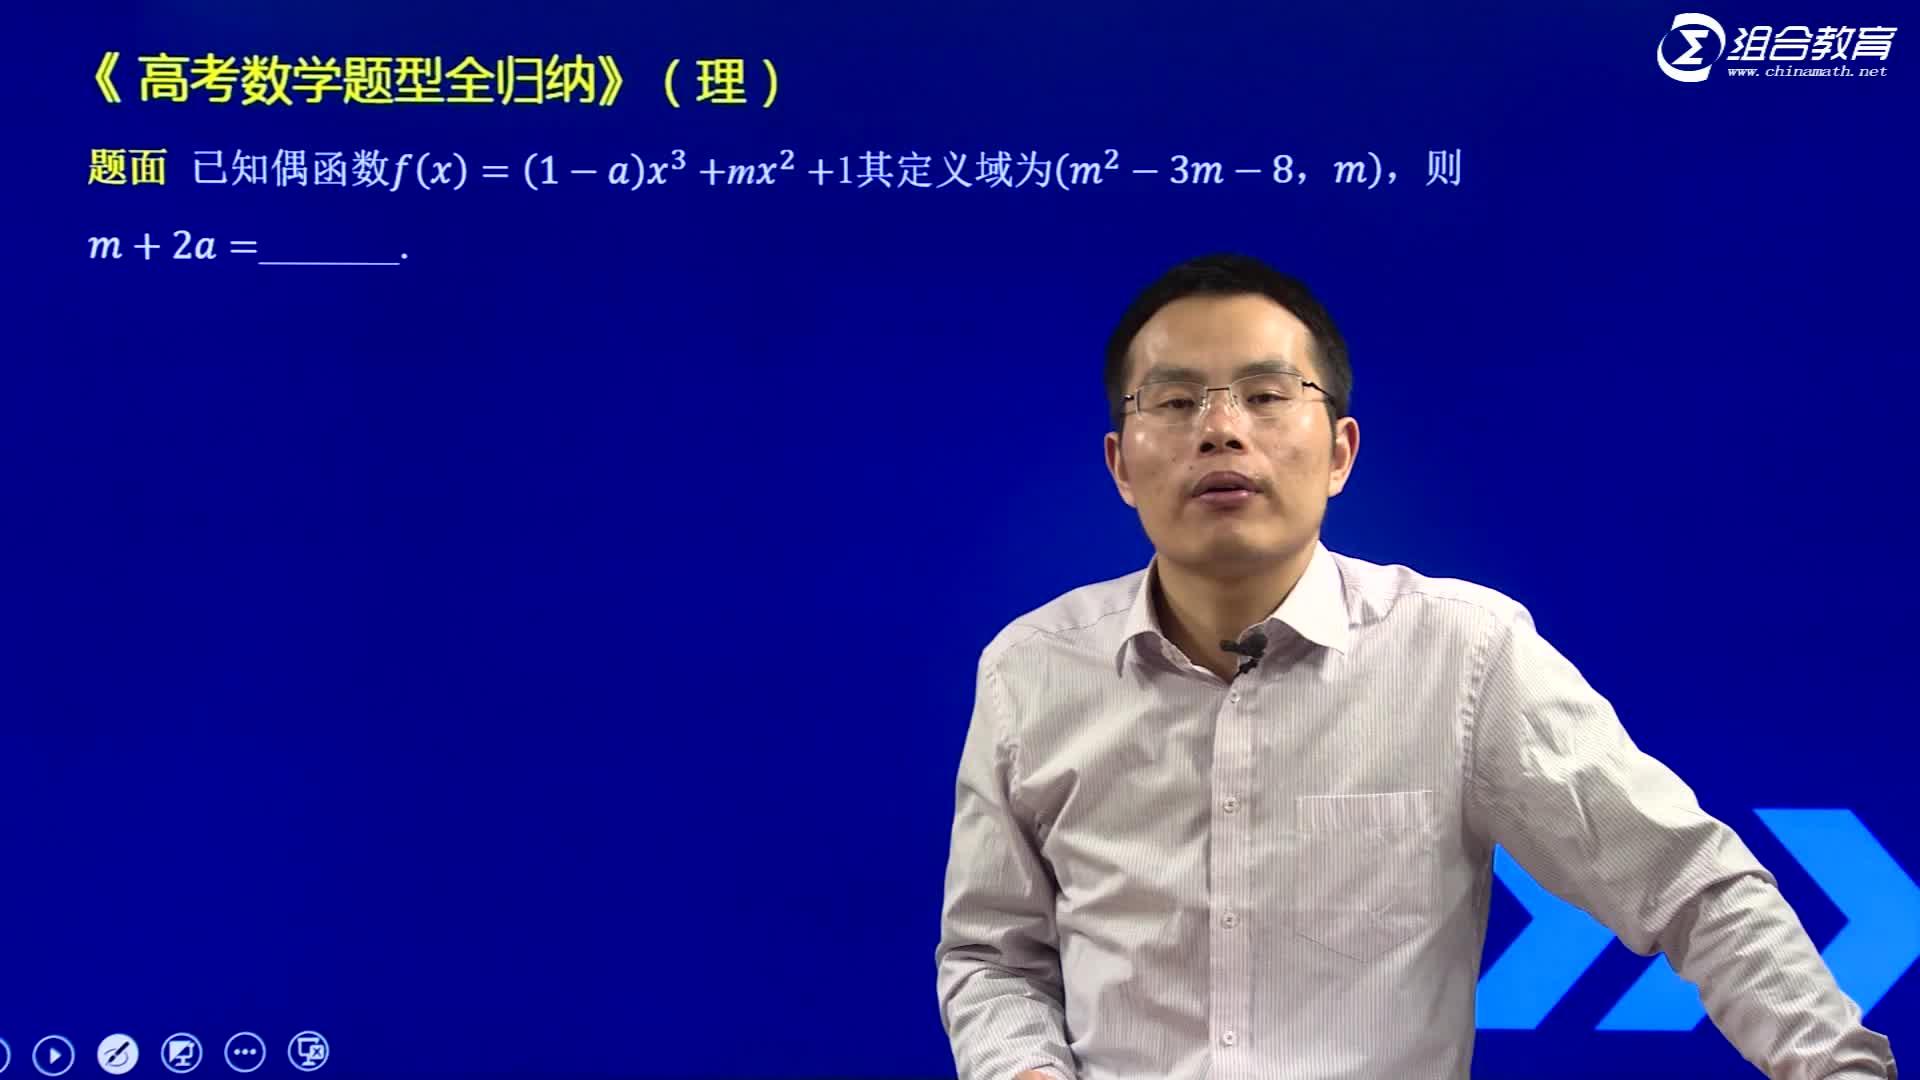 视频2.17 函数奇偶性的应用-【洞穿高考】2020版高考理科数学题型全归纳